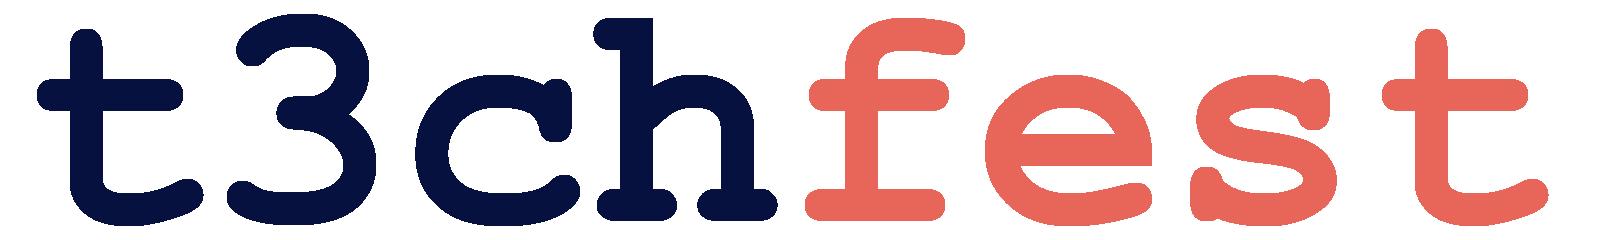 Logotipo del t3chfest